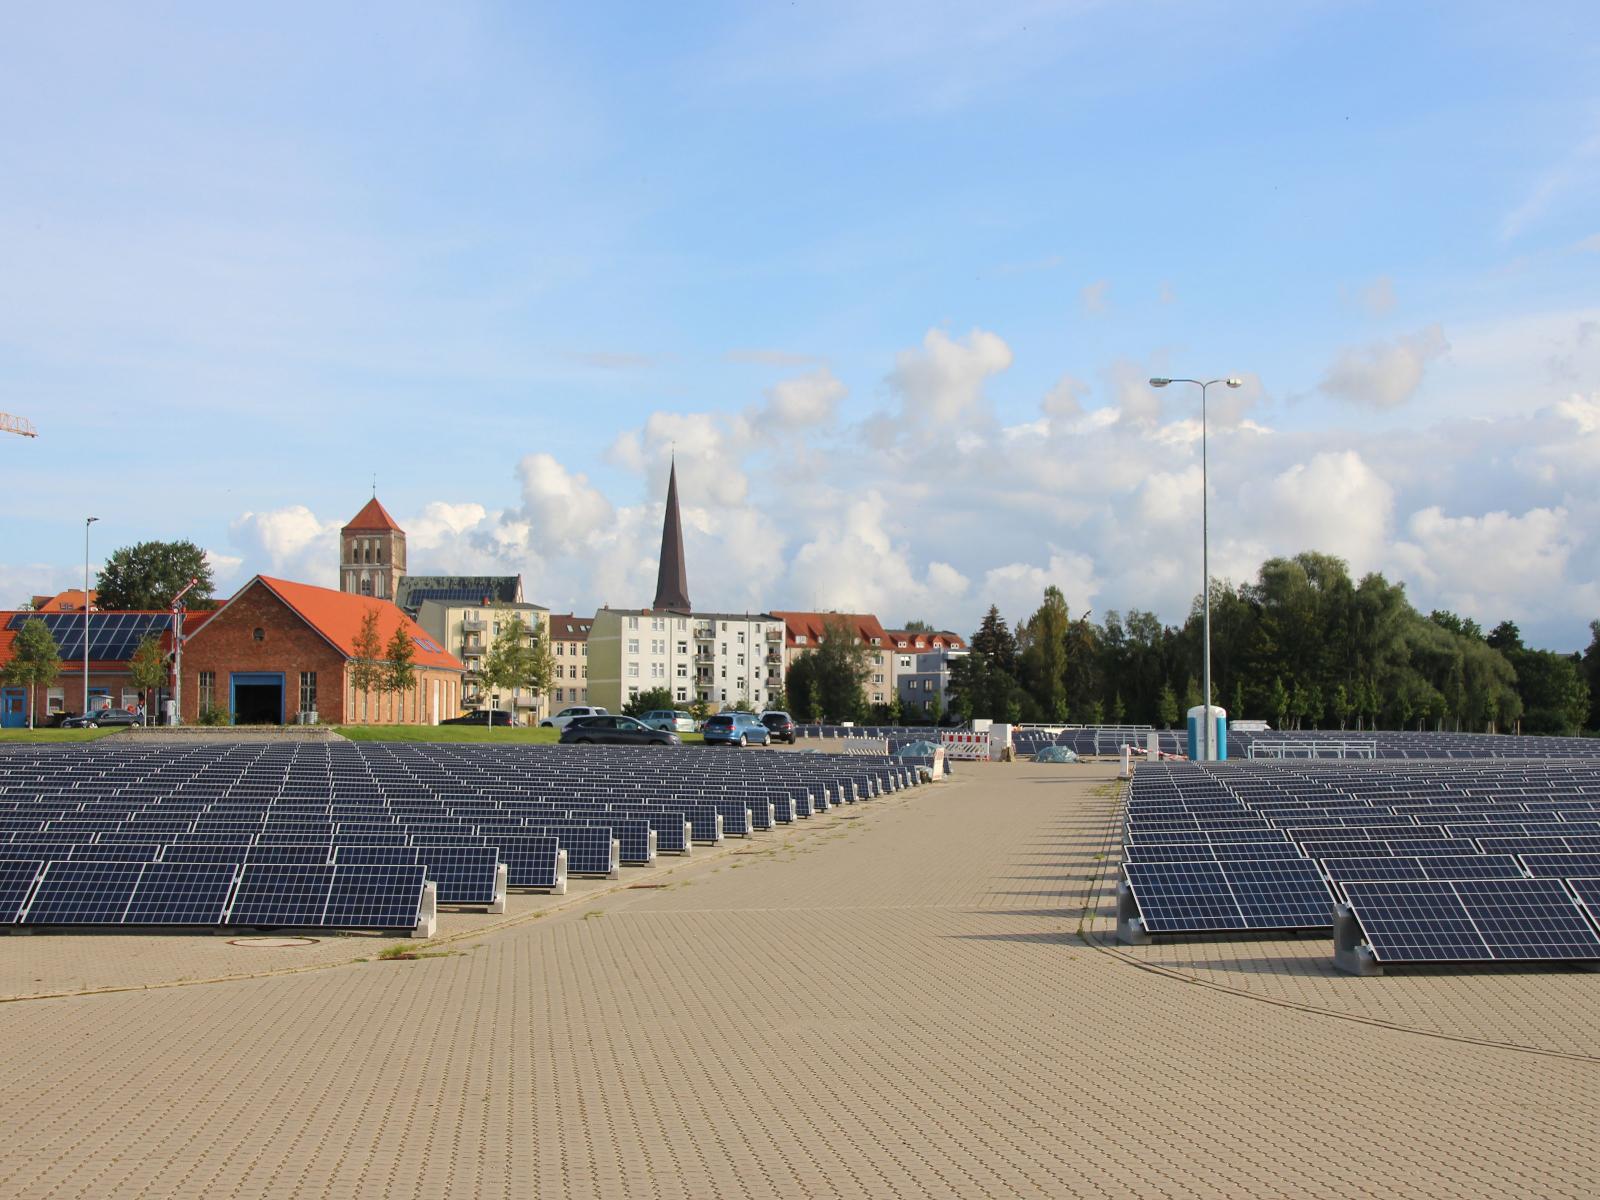 2017 - Wir nehmen die Photovoltaikanlage auf dem alten Gaswerksgelände in Betrieb